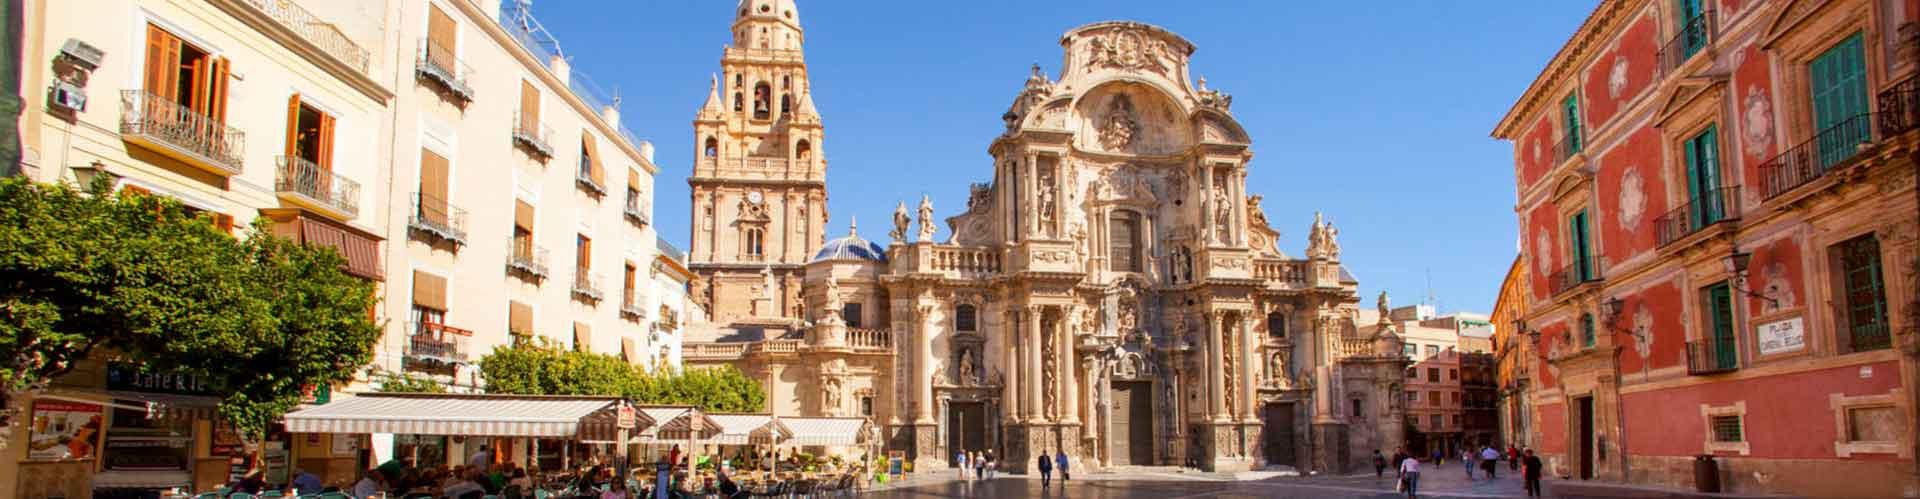 Free Tour Murcia - Turismo España